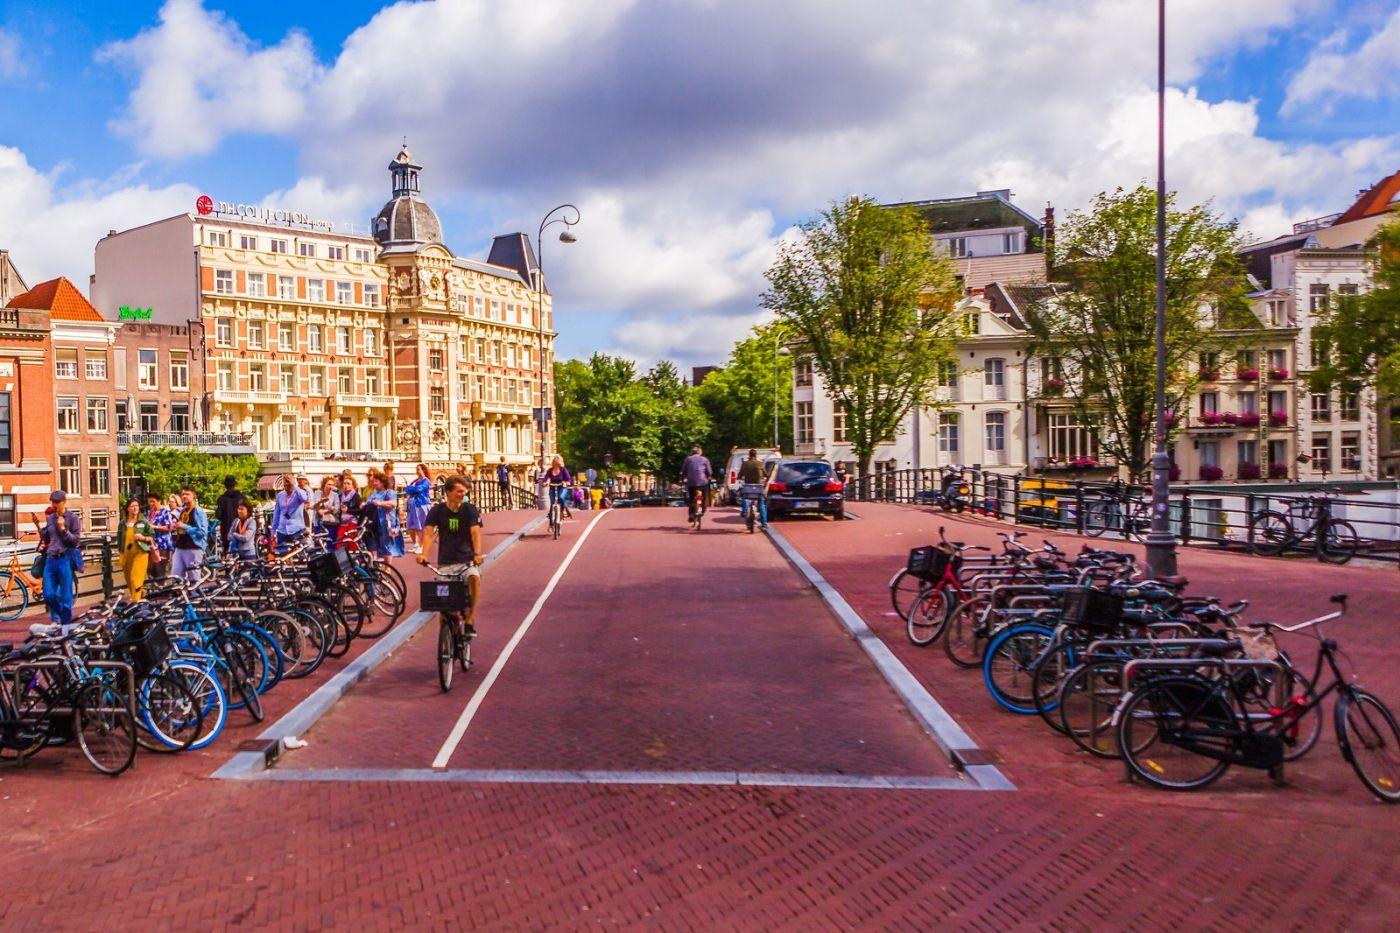 荷兰阿姆斯特丹,扫街随拍_图1-6